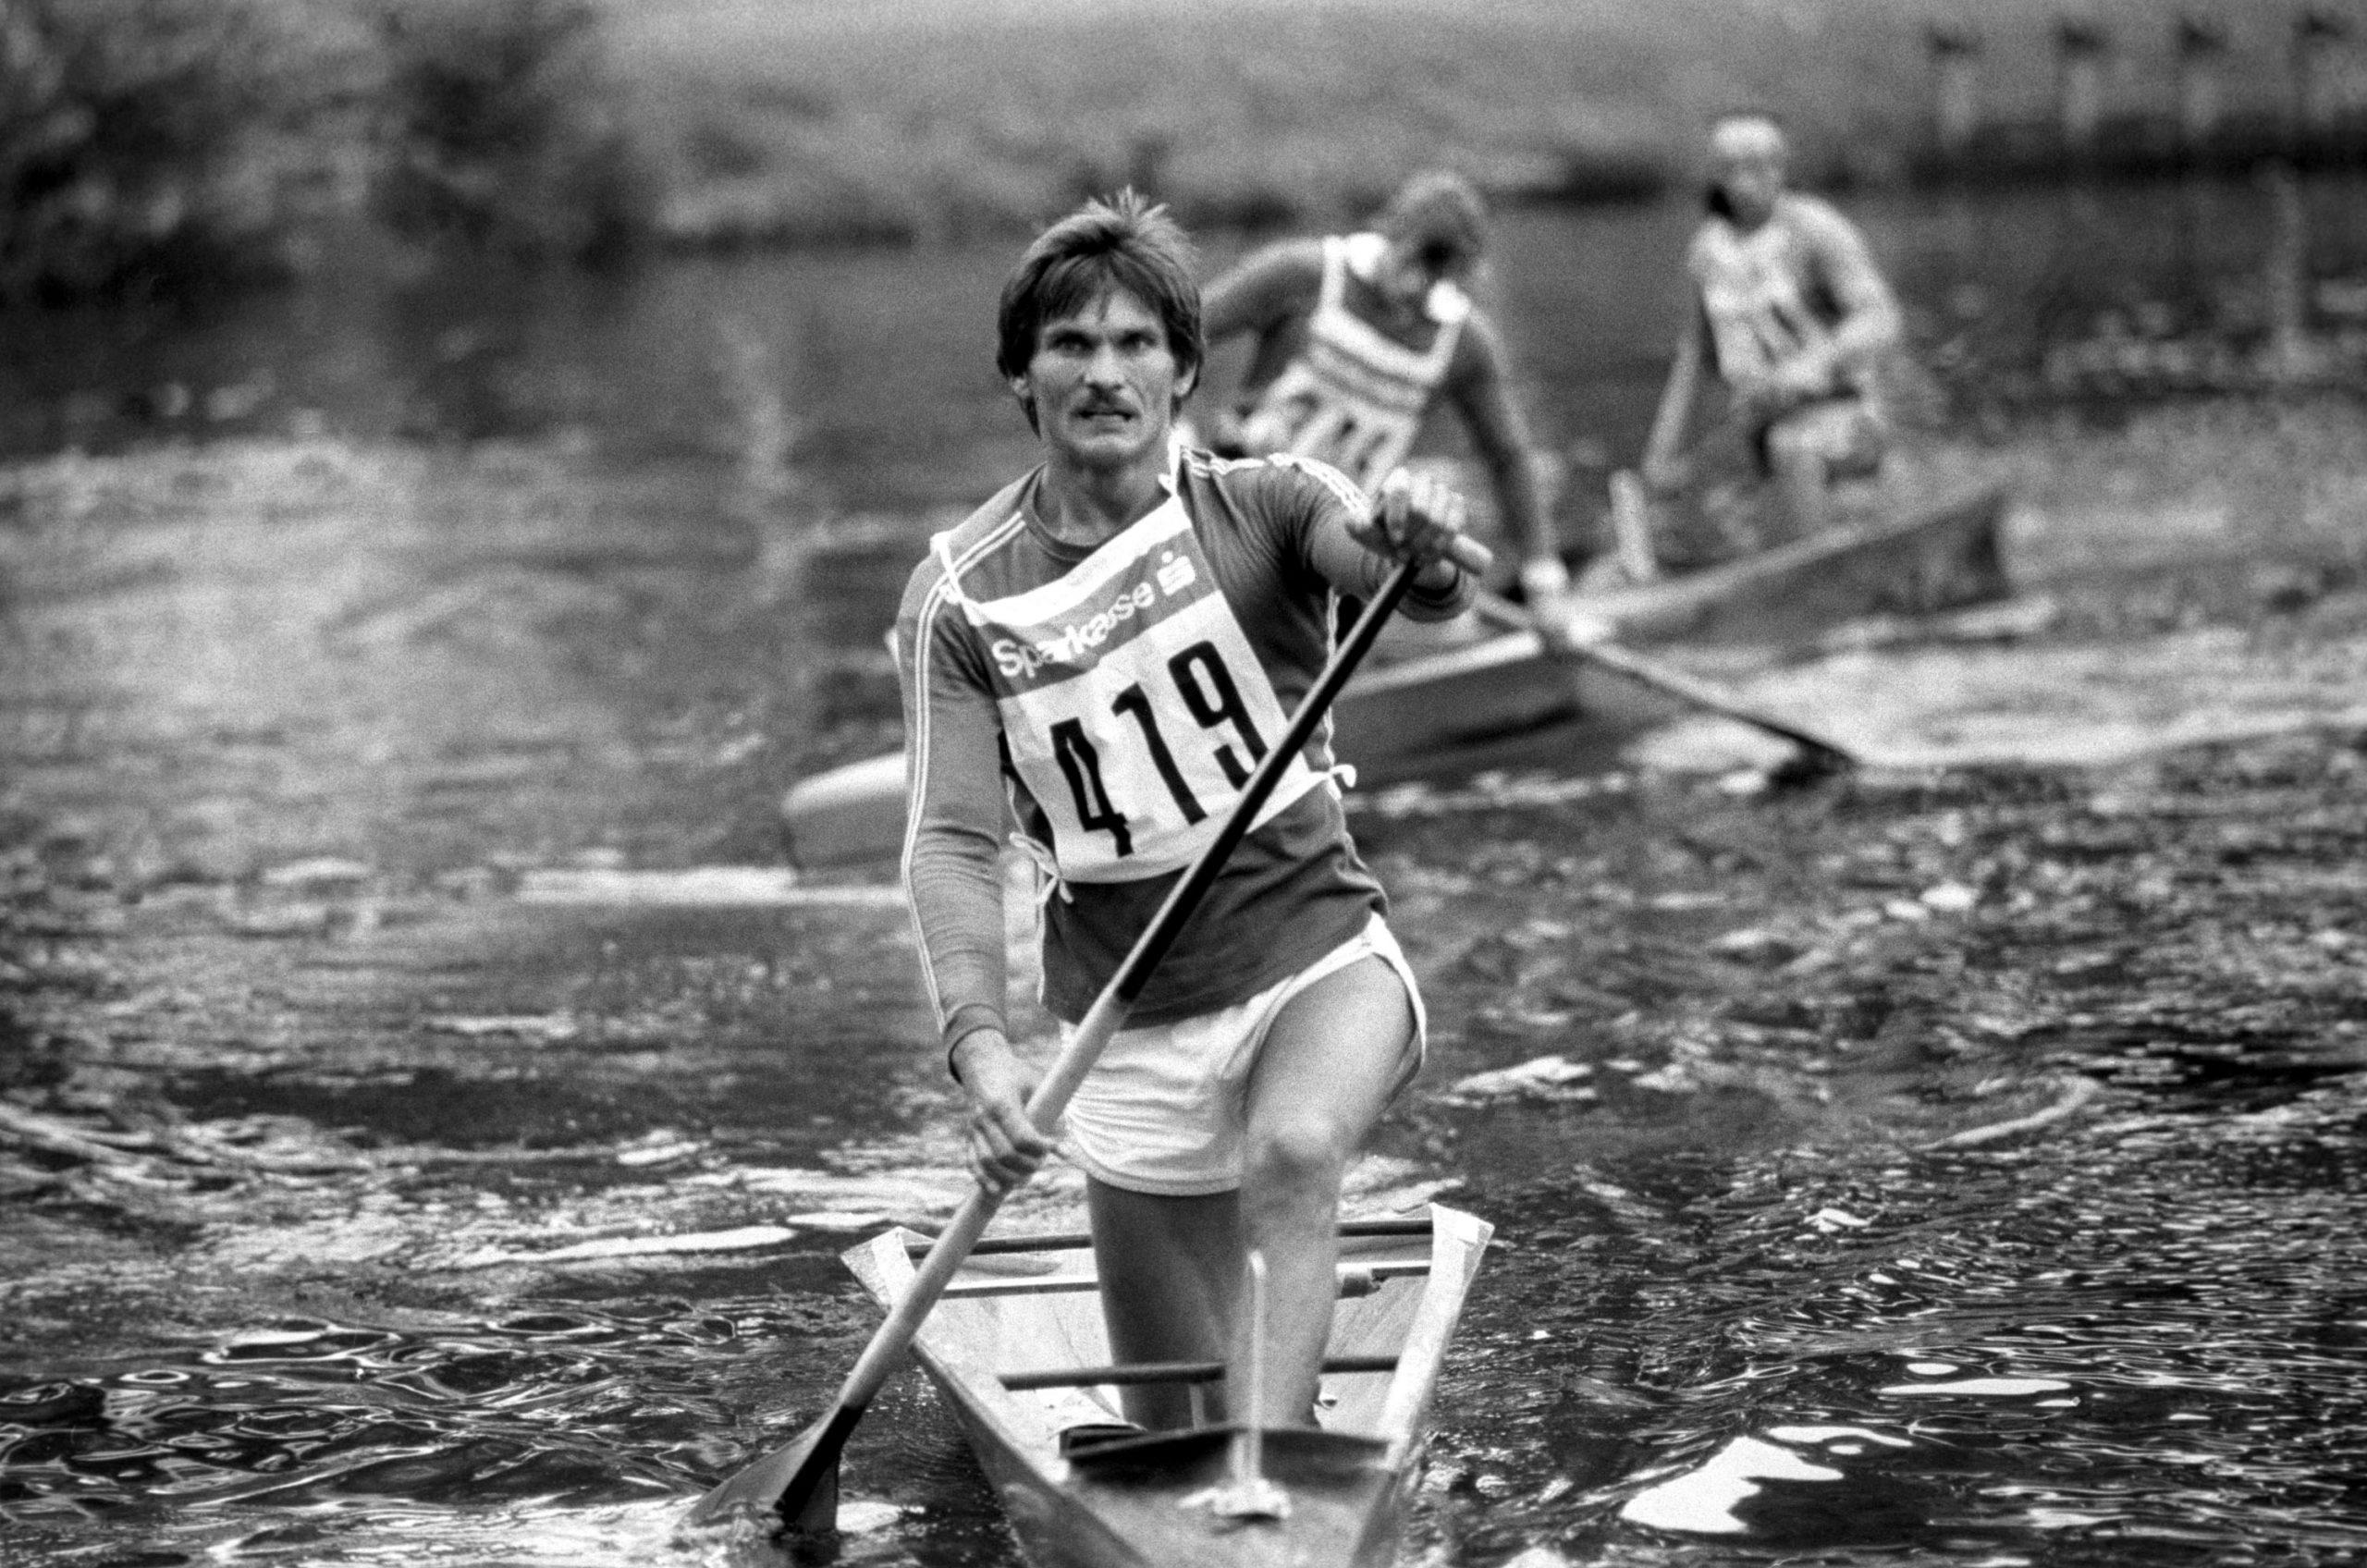 Wichmann Tamás kenus, a C-1 1000 méteres verseny gyõztese a célba érkezés után a XV. Kajak-Kenu Világbajnokságon. 1979 / Fotó: MTI